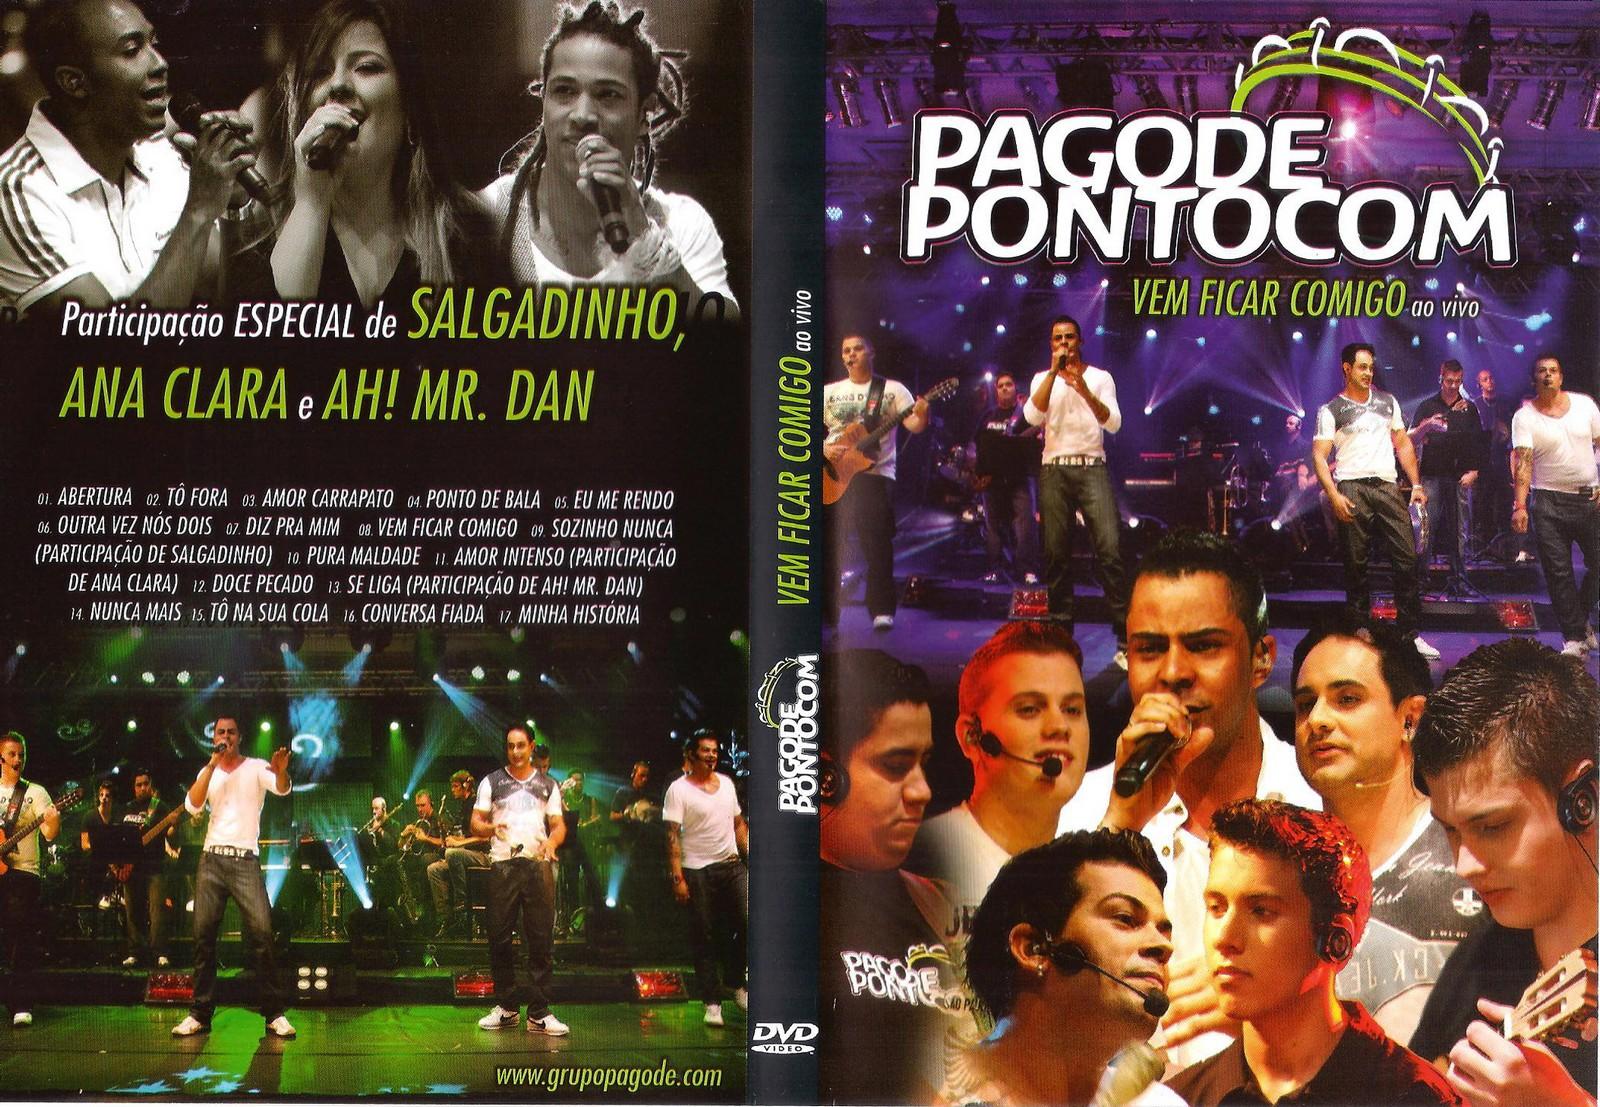 HORAS POR E MUSICA BAIXAR CW7 HORAS